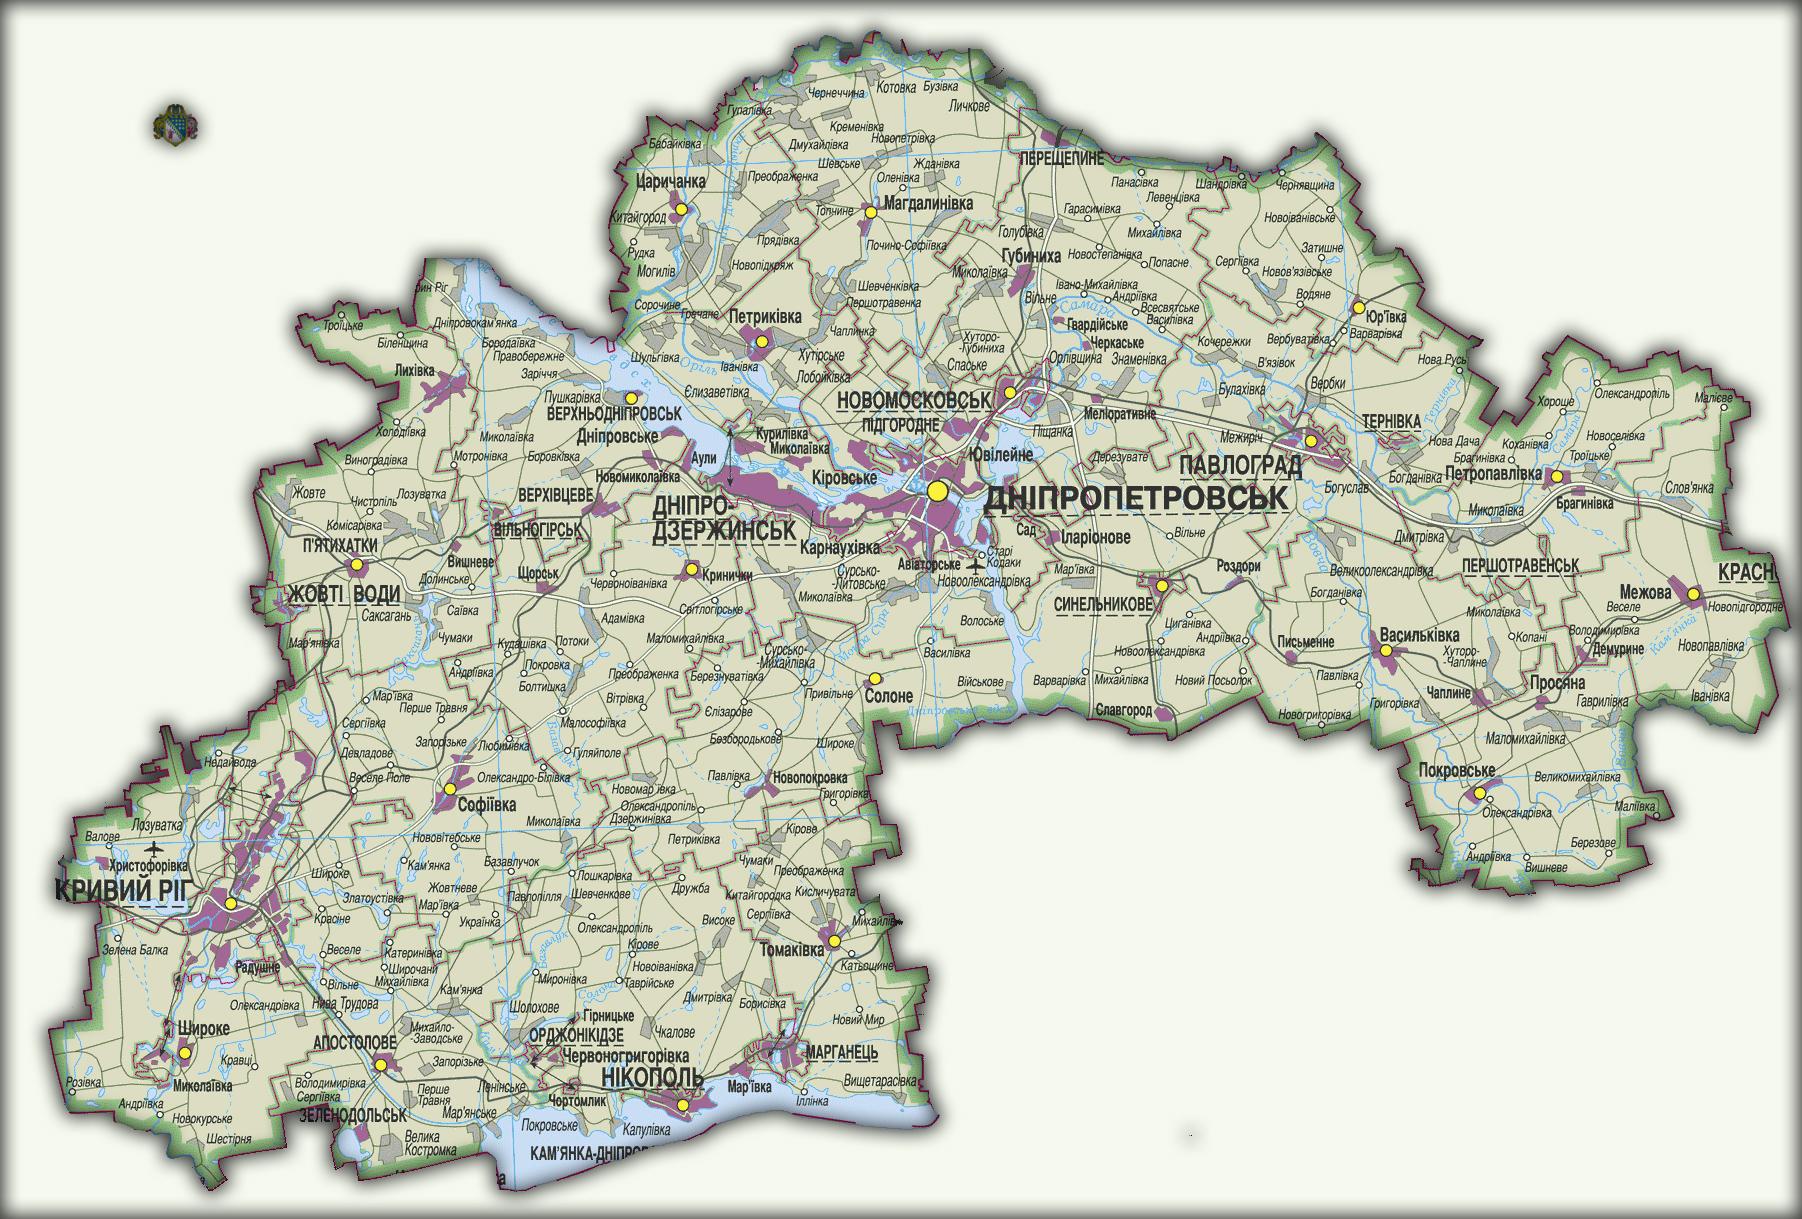 Топографическая карта Днепропетровской области